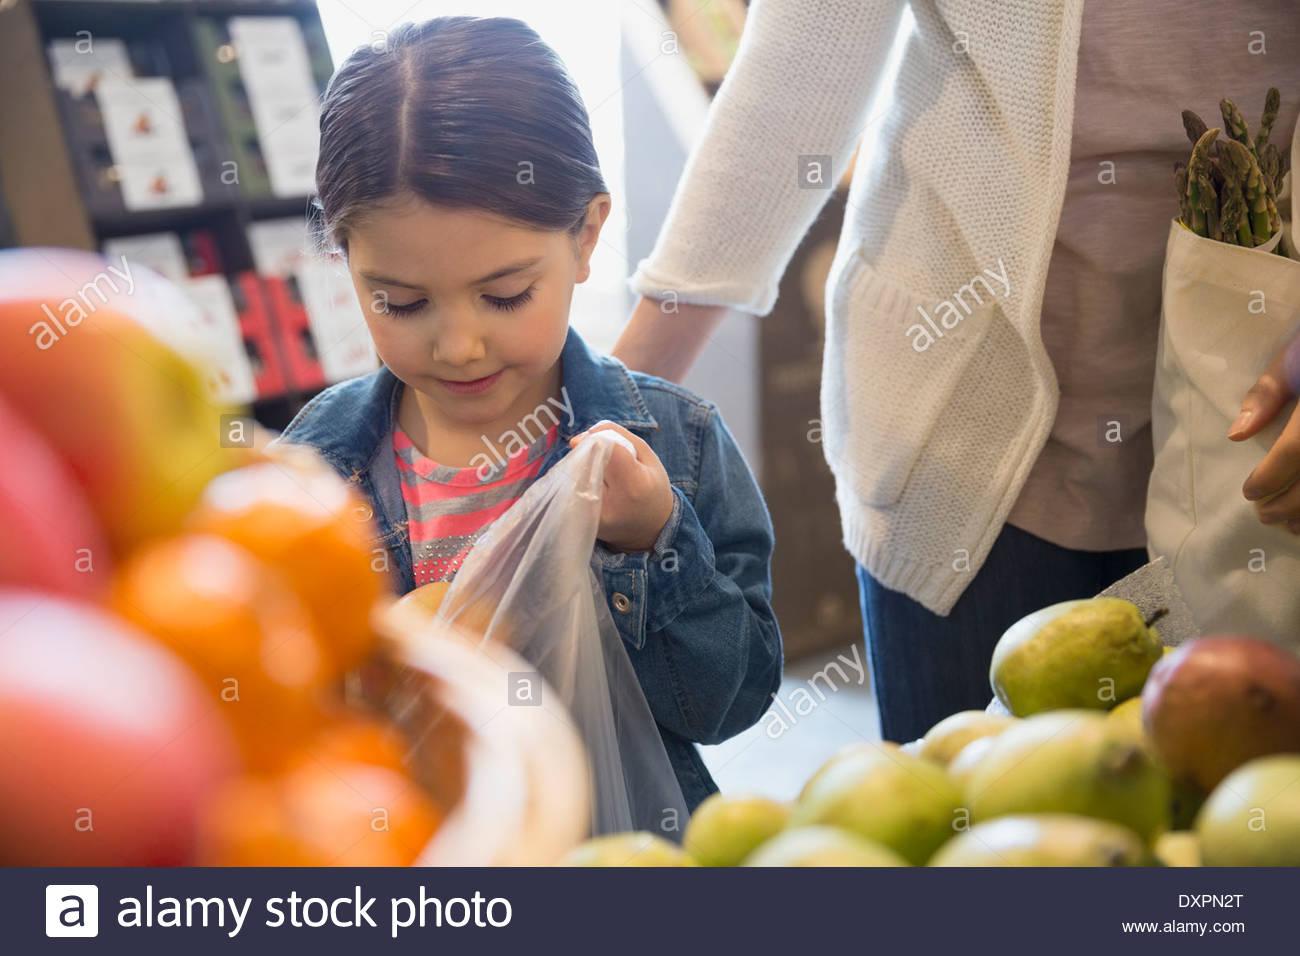 Mädchen Absacken produzieren im Markt Stockbild